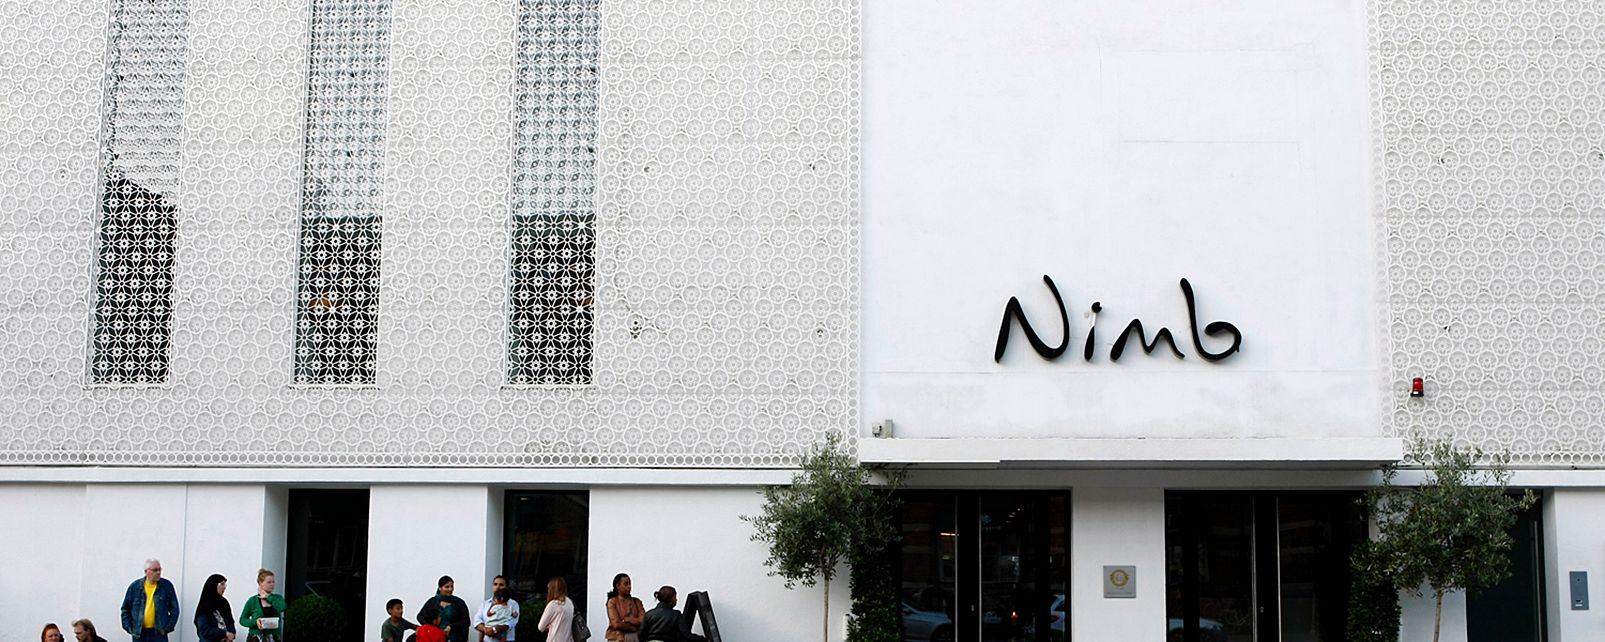 Hotel Nimb